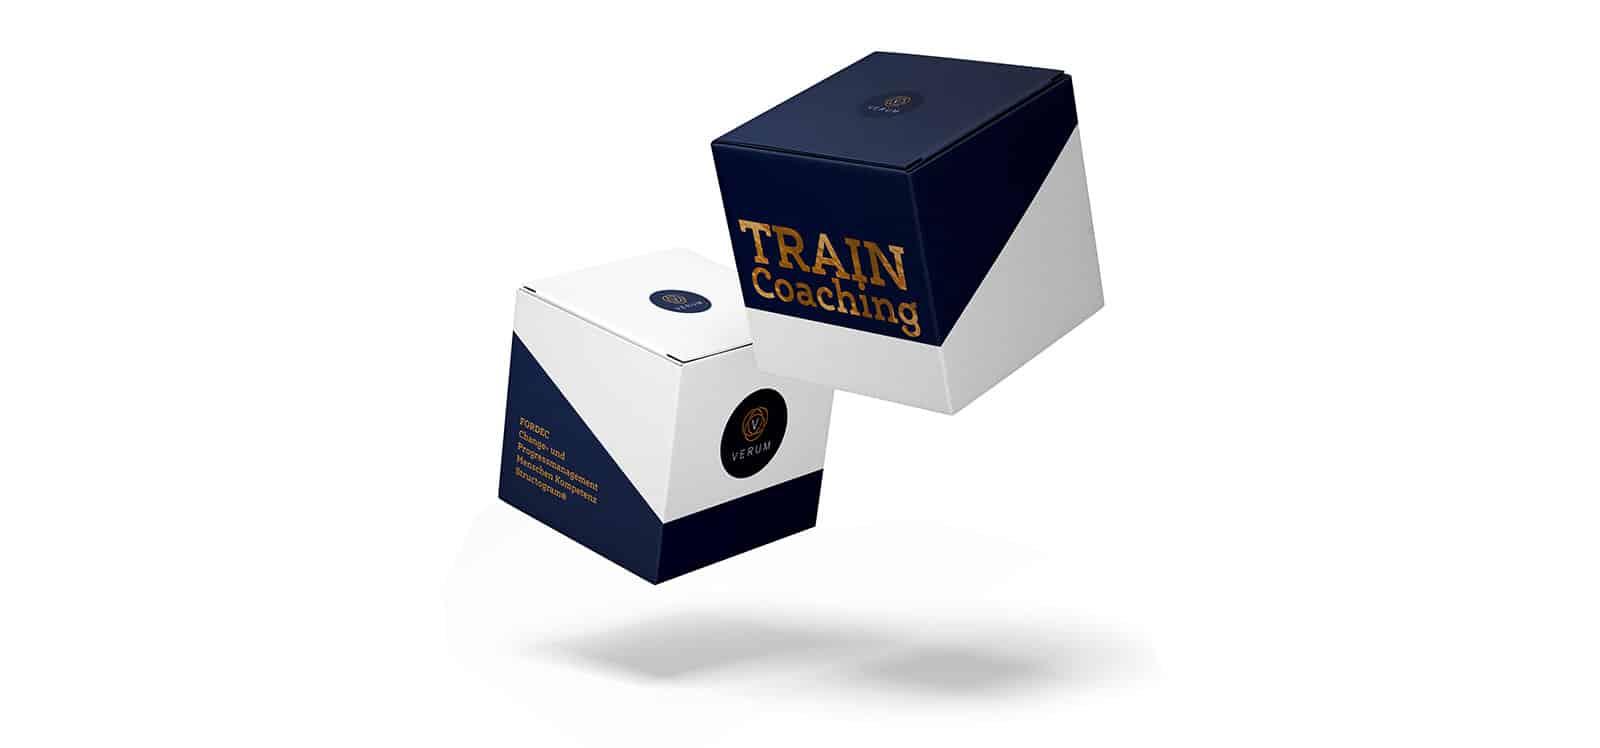 VERUM GmbH - Traincoaching